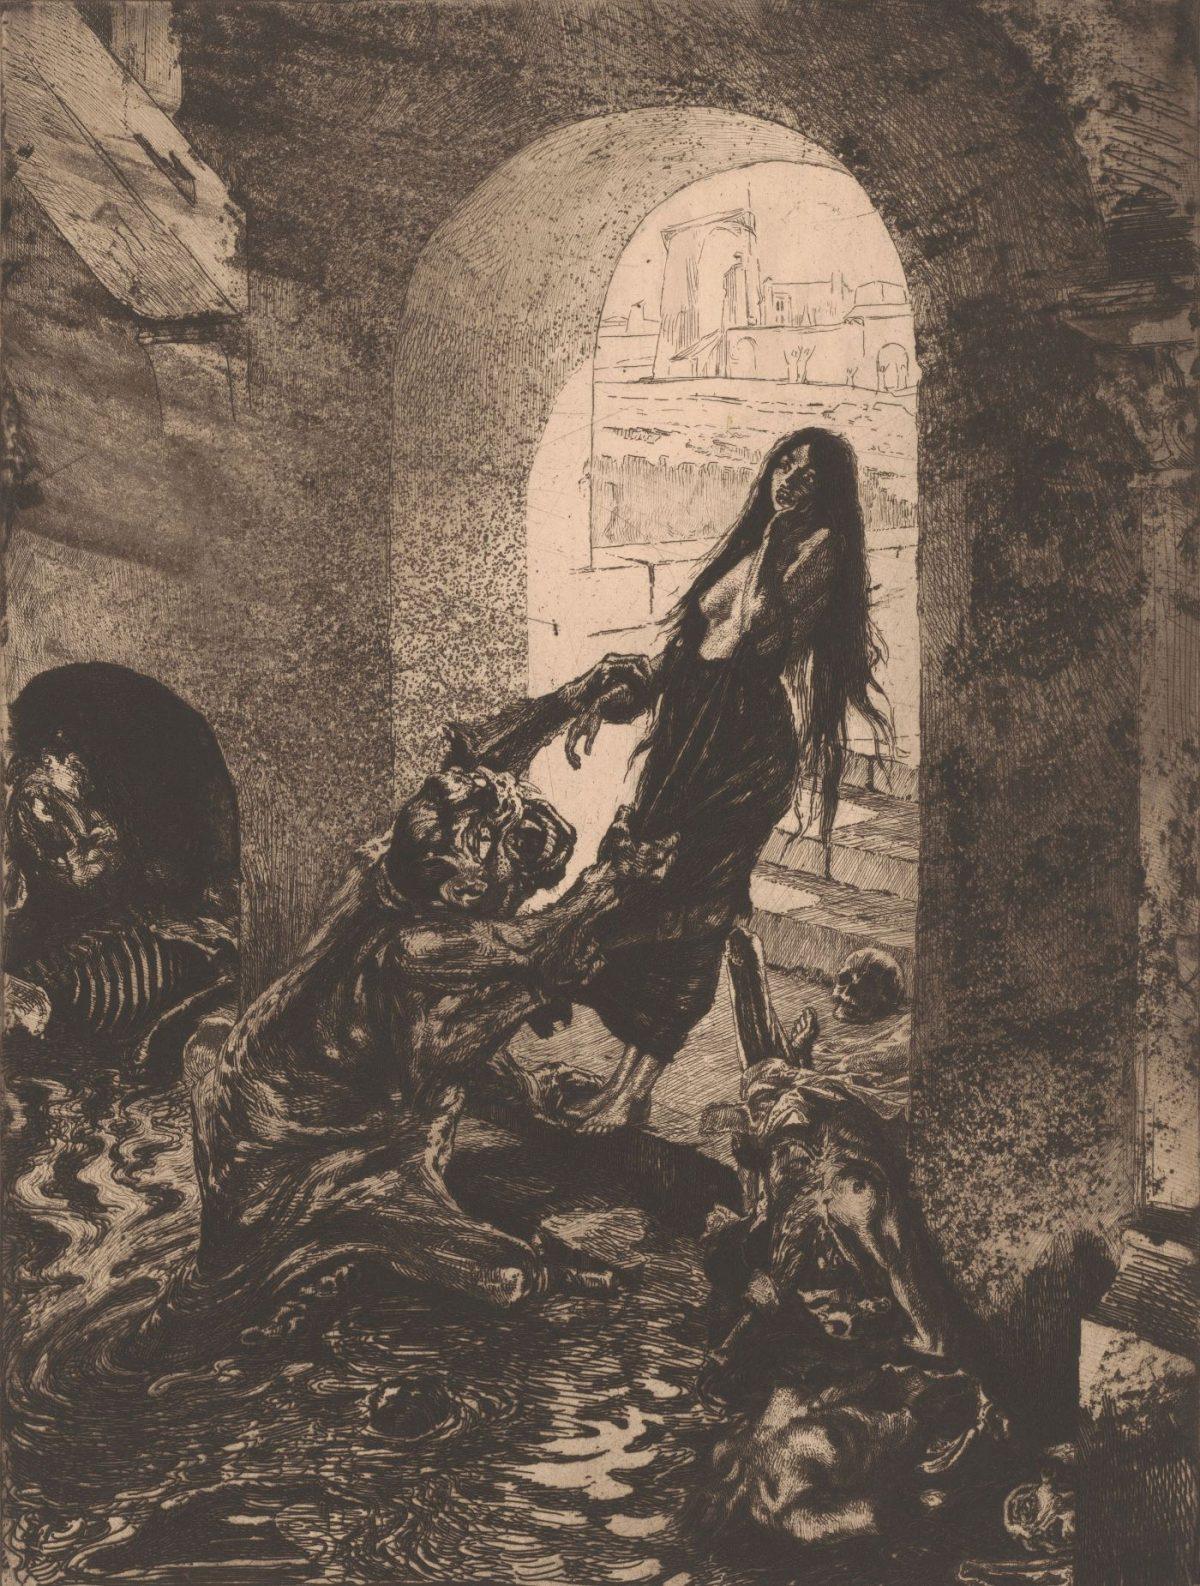 013 MARCEL ROUX 1200x1586 - Дьявольщина, достойная современных хорроров: картины Марселя Ру (1878-1922)